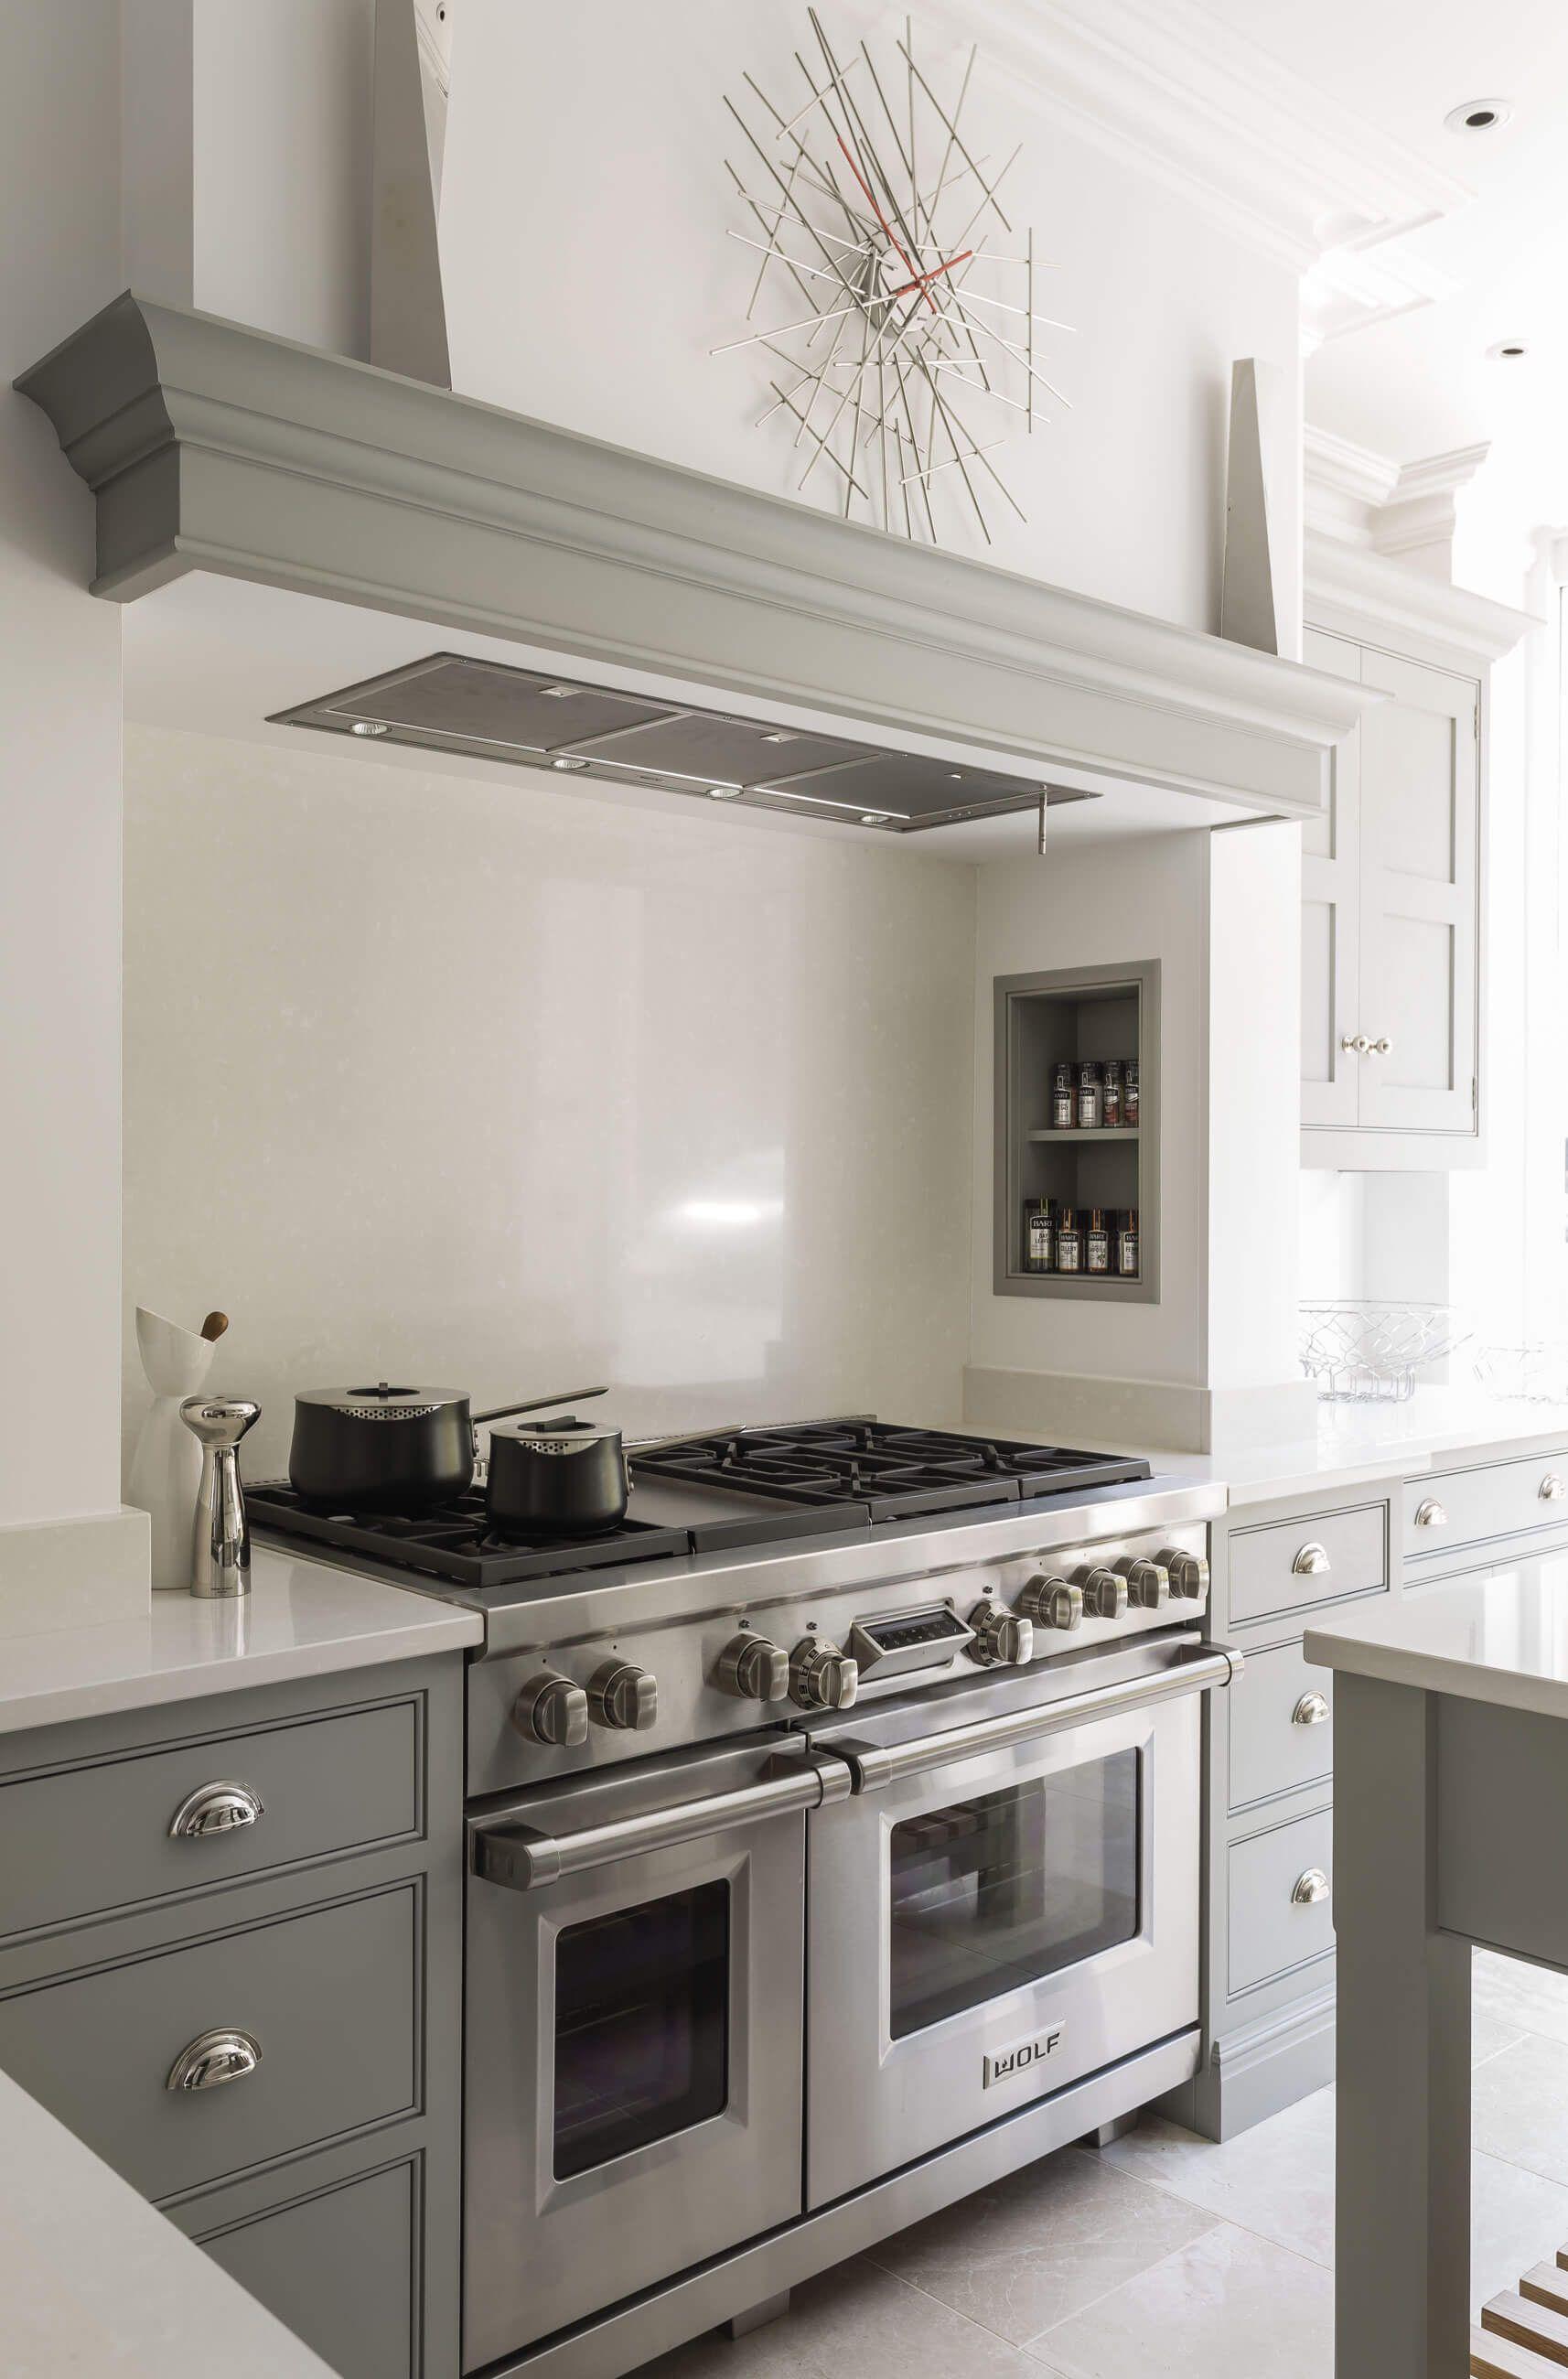 Luxury Kitchen Appliances   Tom Howley   Kitchen ...